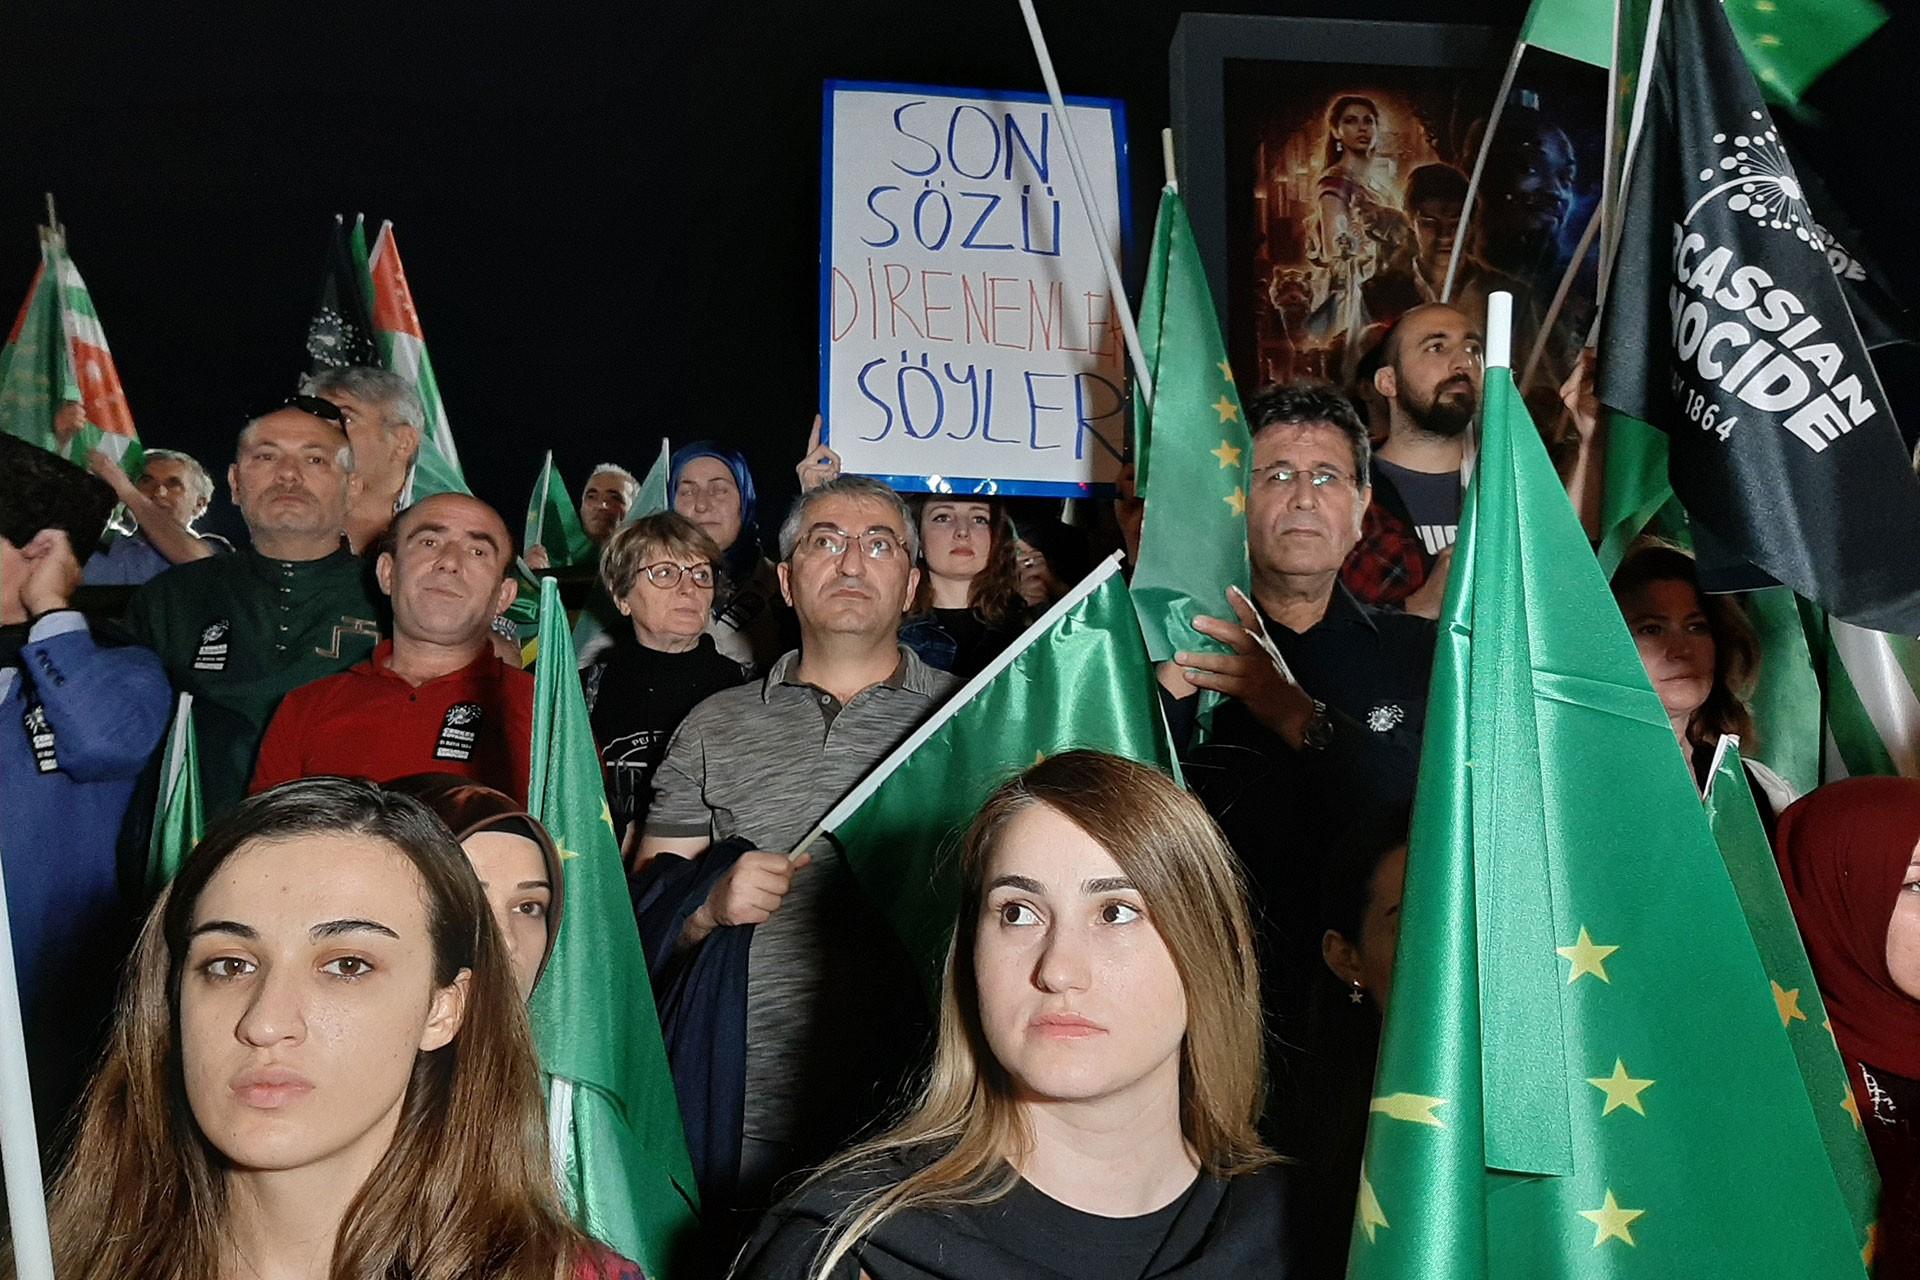 İstanbul'daki Çerkes Soykırımı anmasında dövizlere, soykırımın tüm ülkeler tarafından tanınması talebi yansıdı.